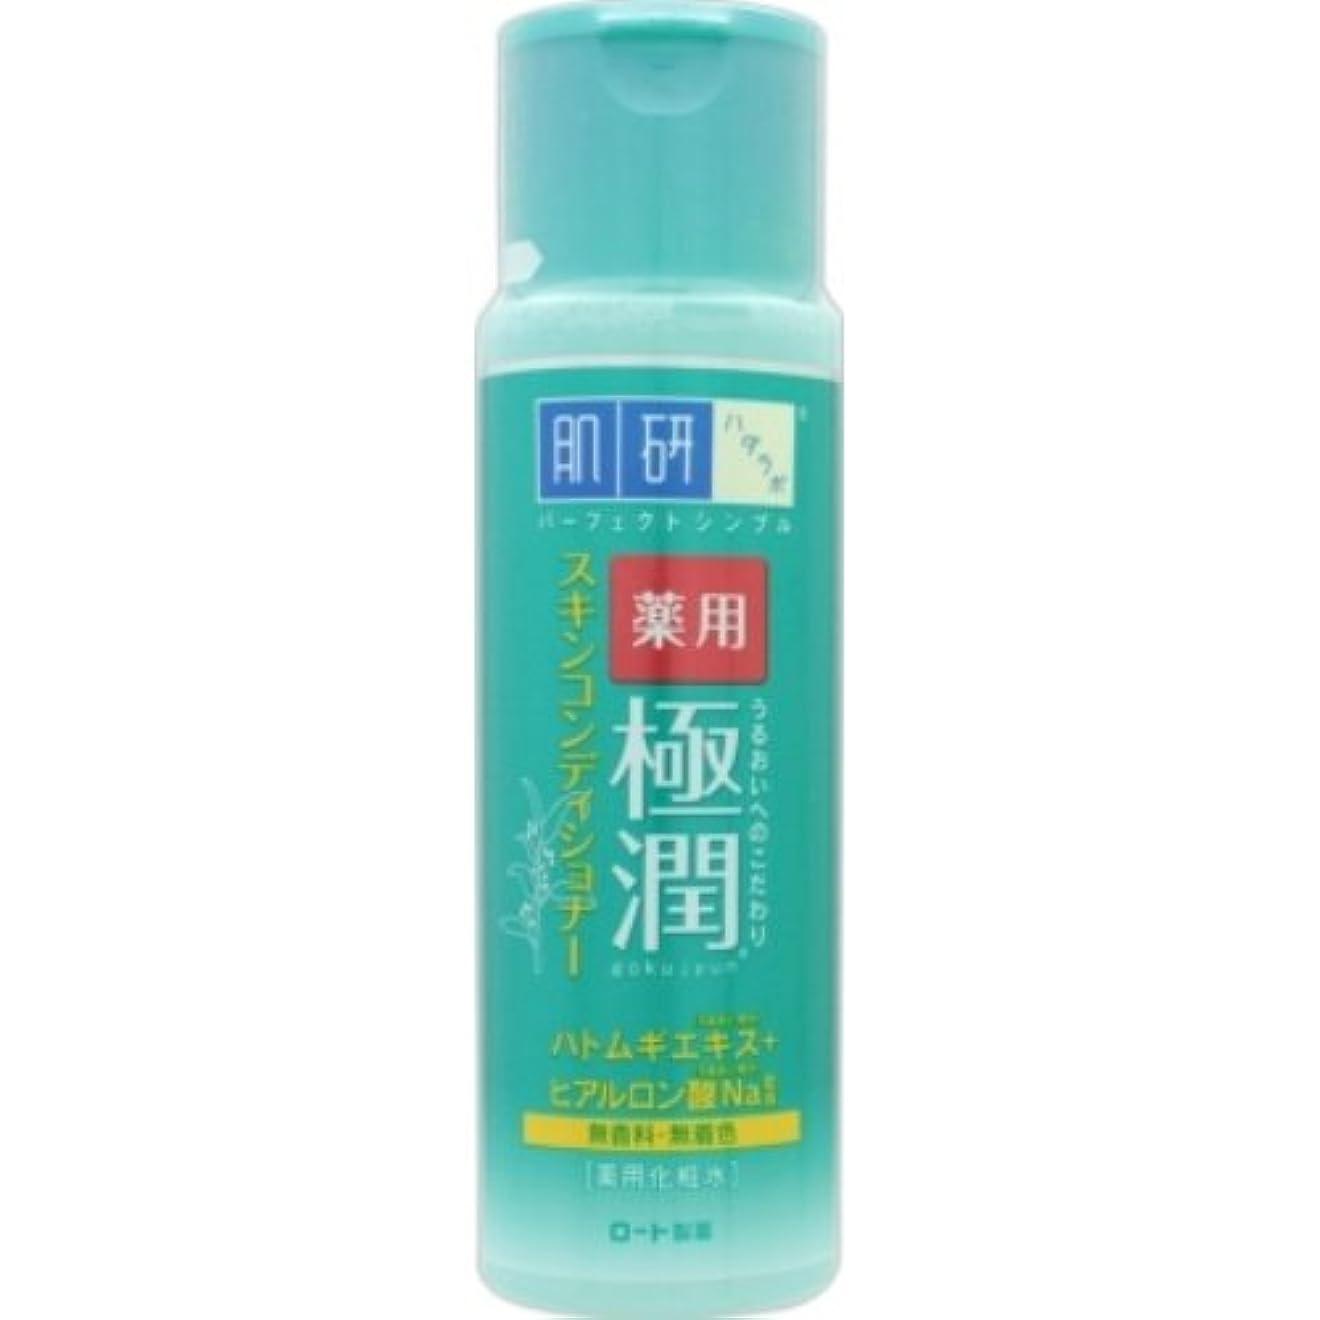 参照する小麦拮抗肌研(ハダラボ) 薬用極潤スキンコンディショナー × 48個セット